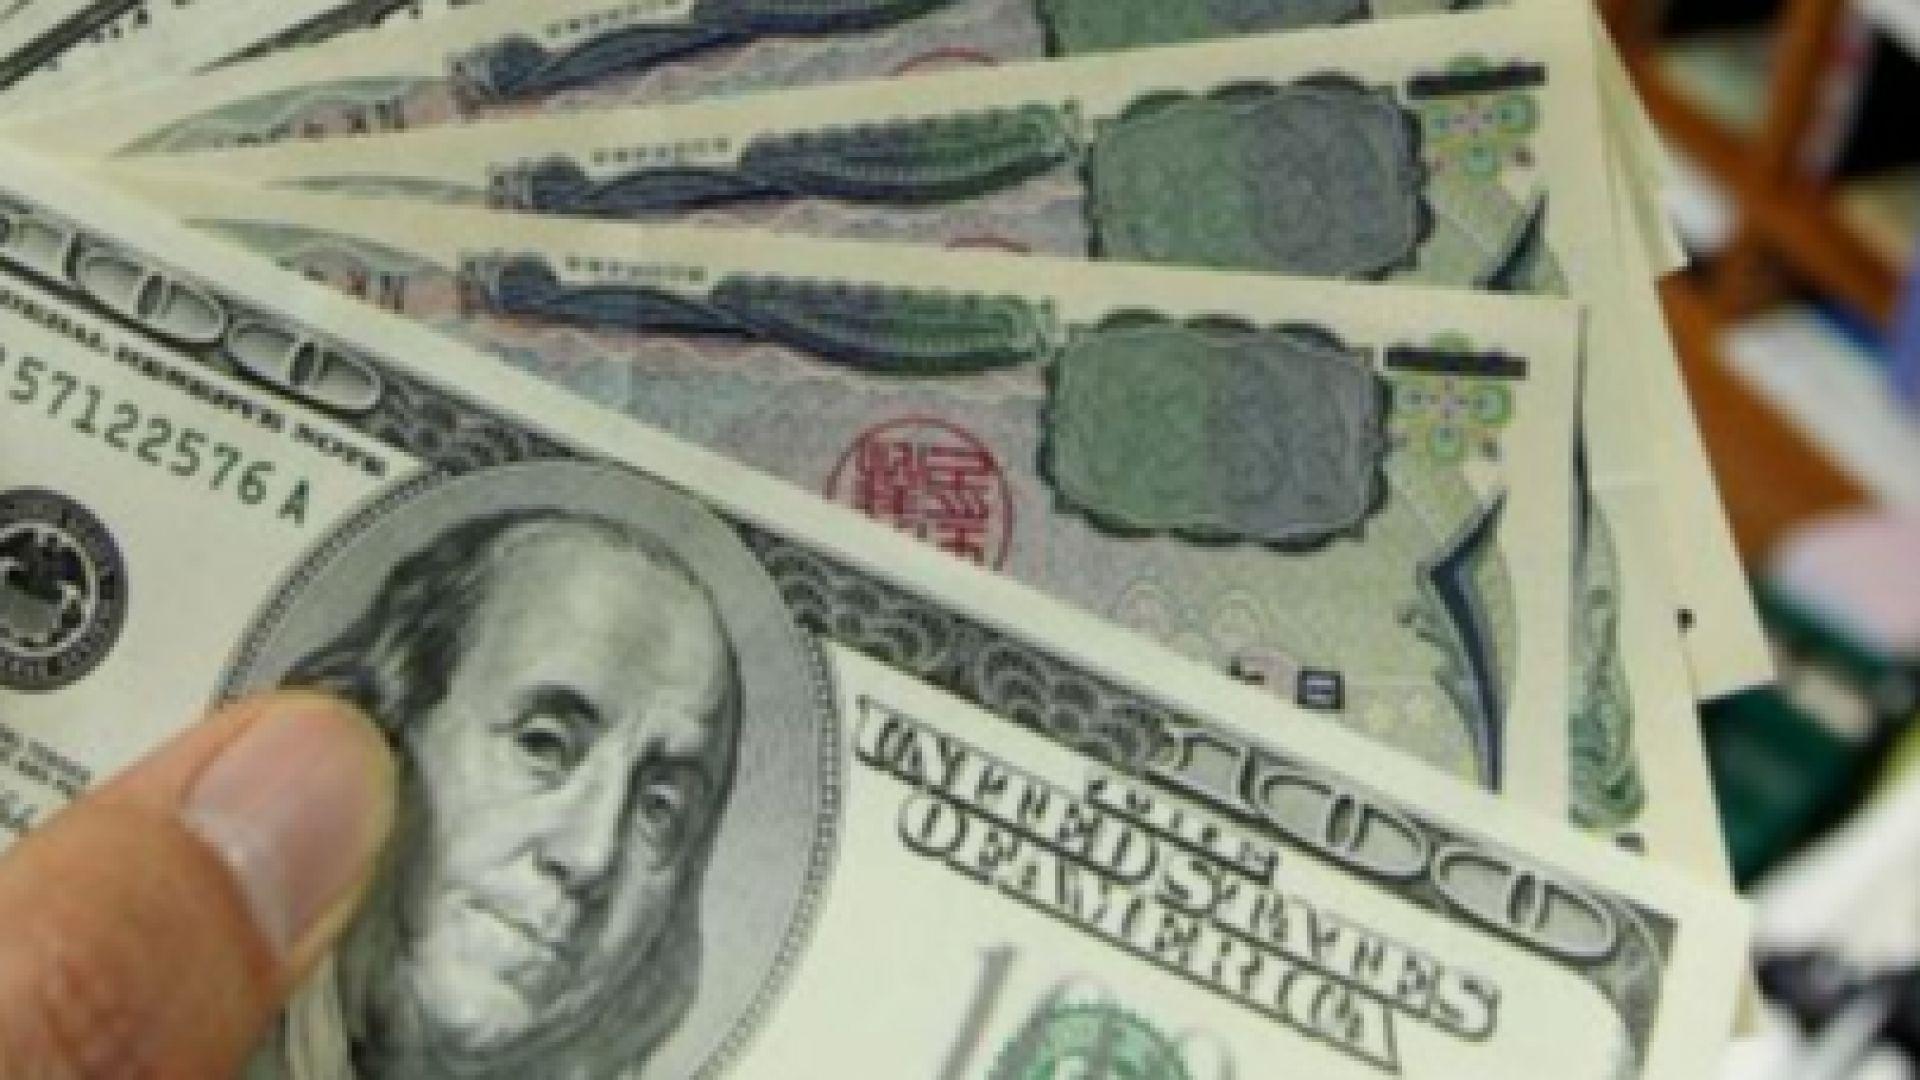 Скандал в Естония: Руски $ 30 милиарда изпрани през филиал на датска банка